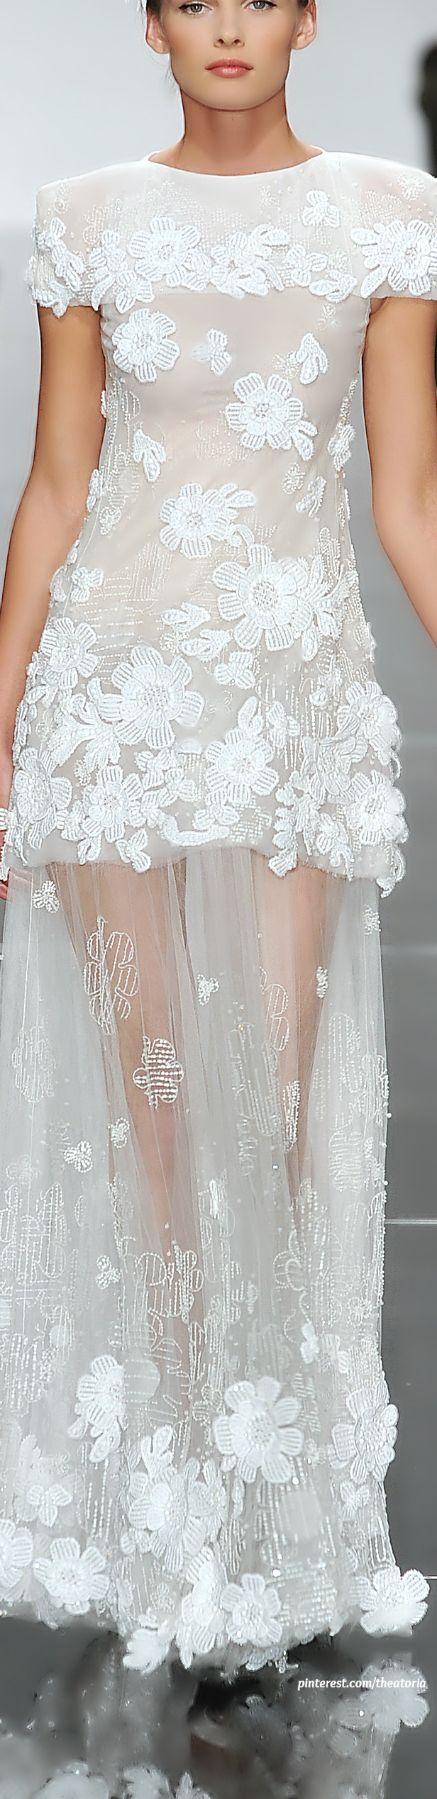 Chanel Haute Couture ❤